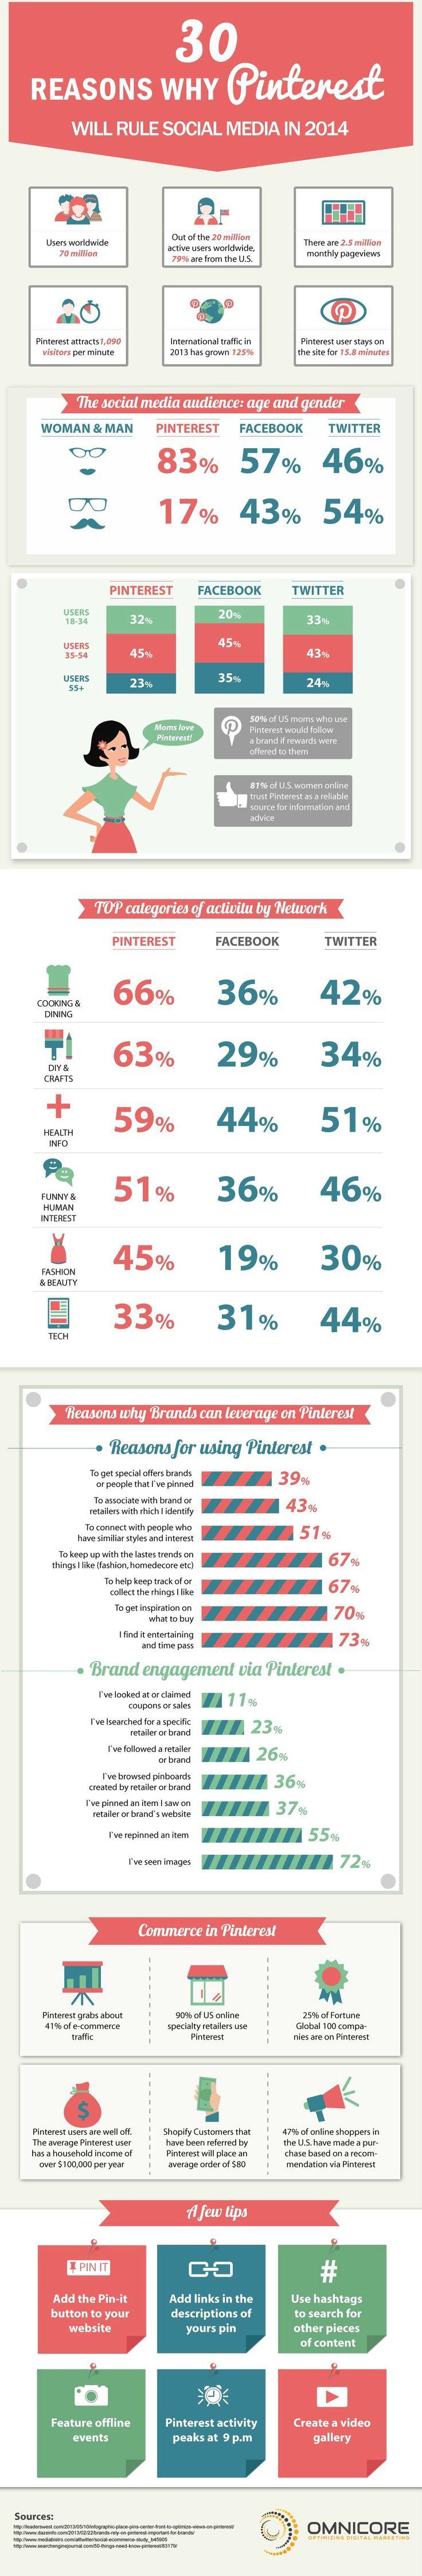 Social Media Showdown: Pinterest VS Twitter VS Facebook [INFOGRAPHIC]